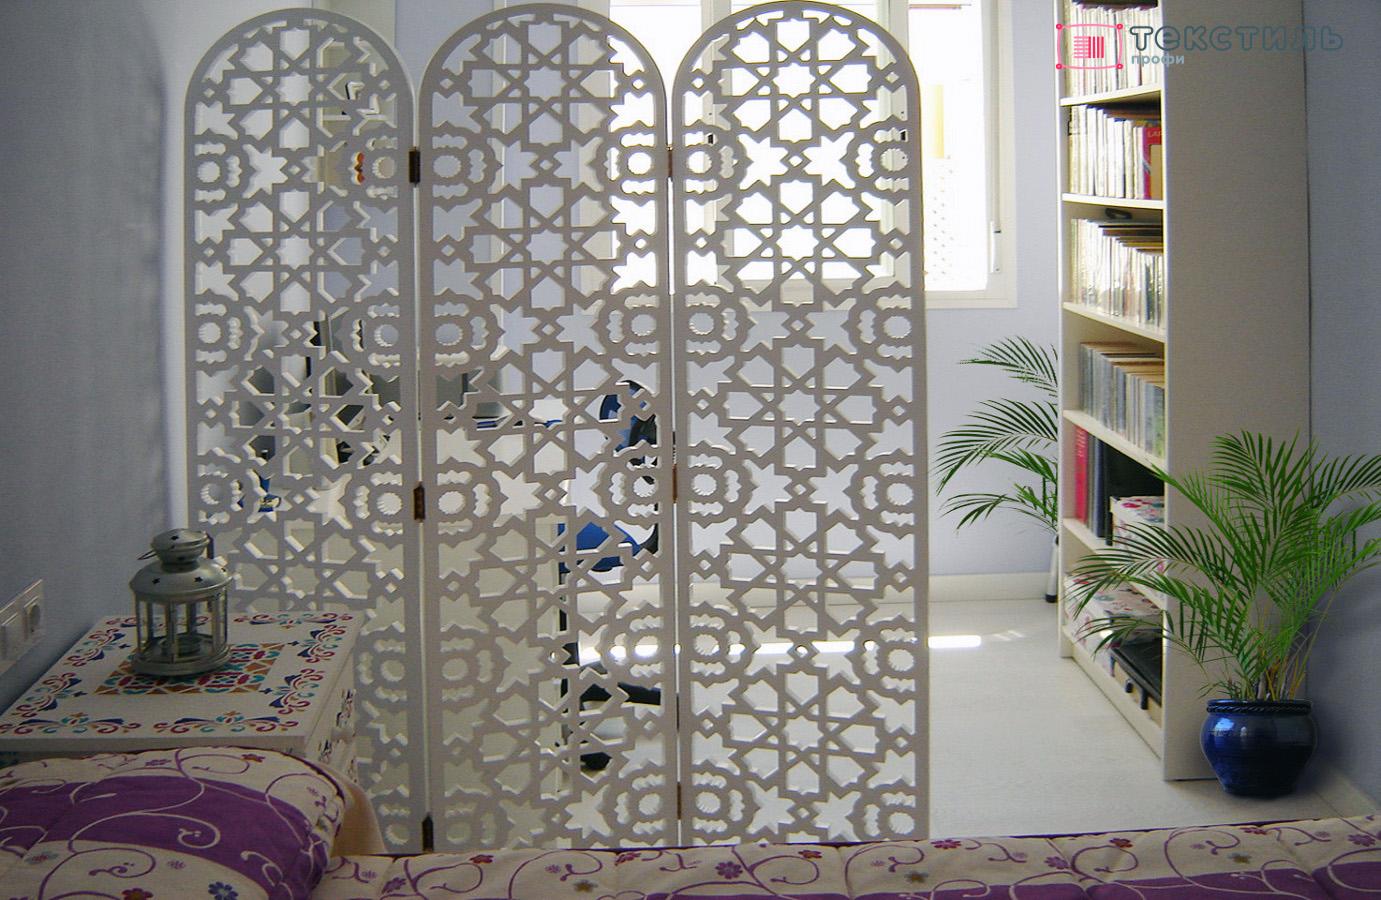 Преображение интерьера с помощью декоративной ширмы